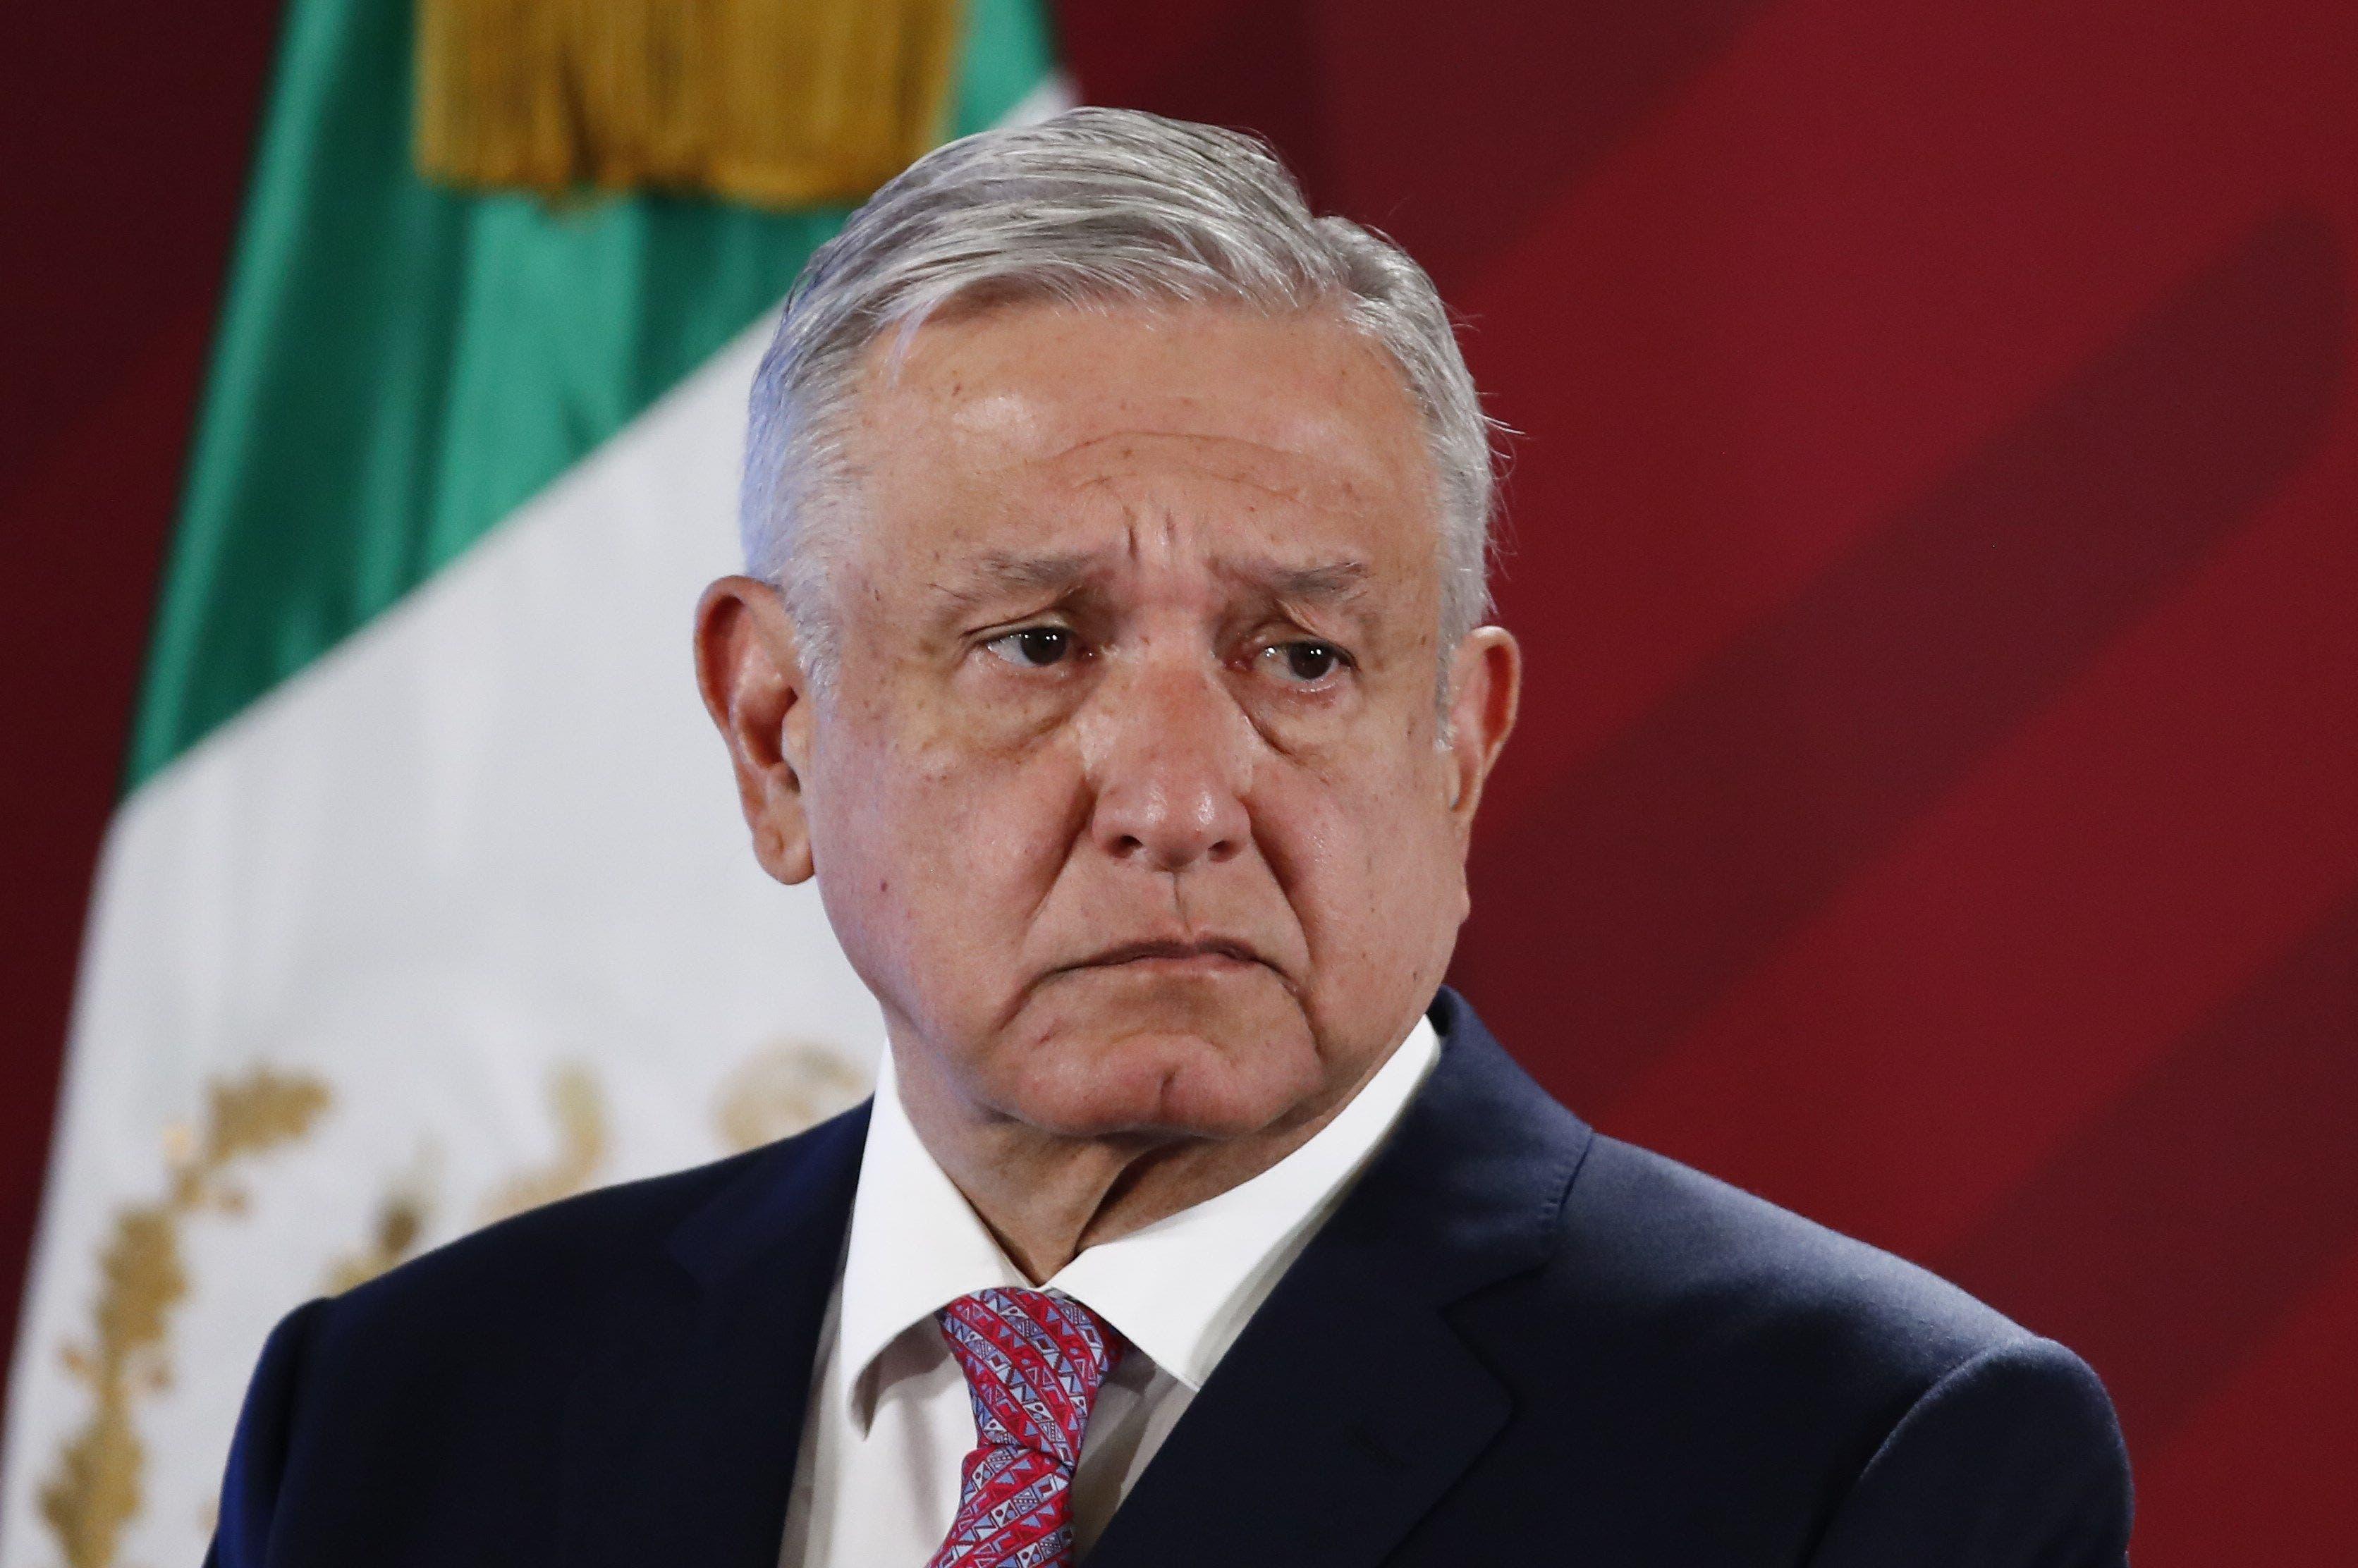 Presidente de México tras críticas por liberar al hijo del Chapo: tengo la conciencia tranquila y sé que actuamos de manera correcta